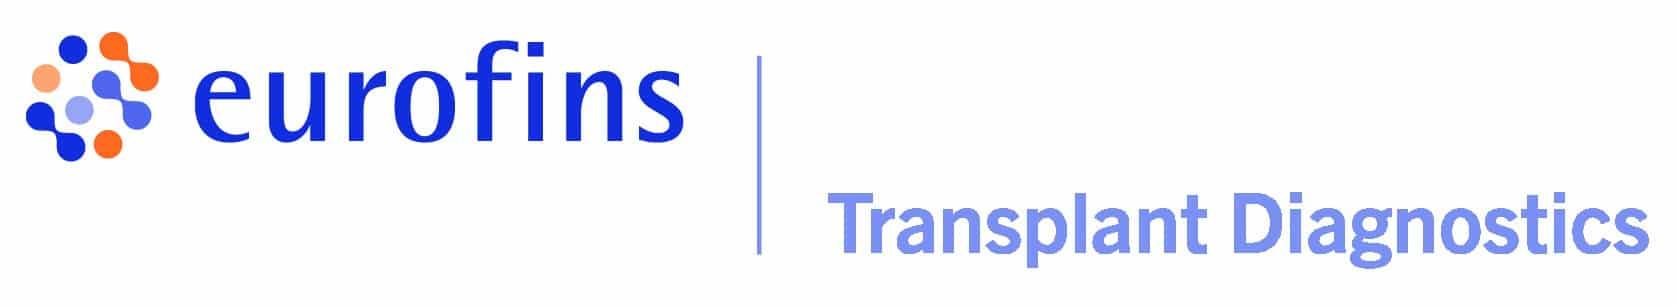 Eurofins Transplant Diagnostics-1